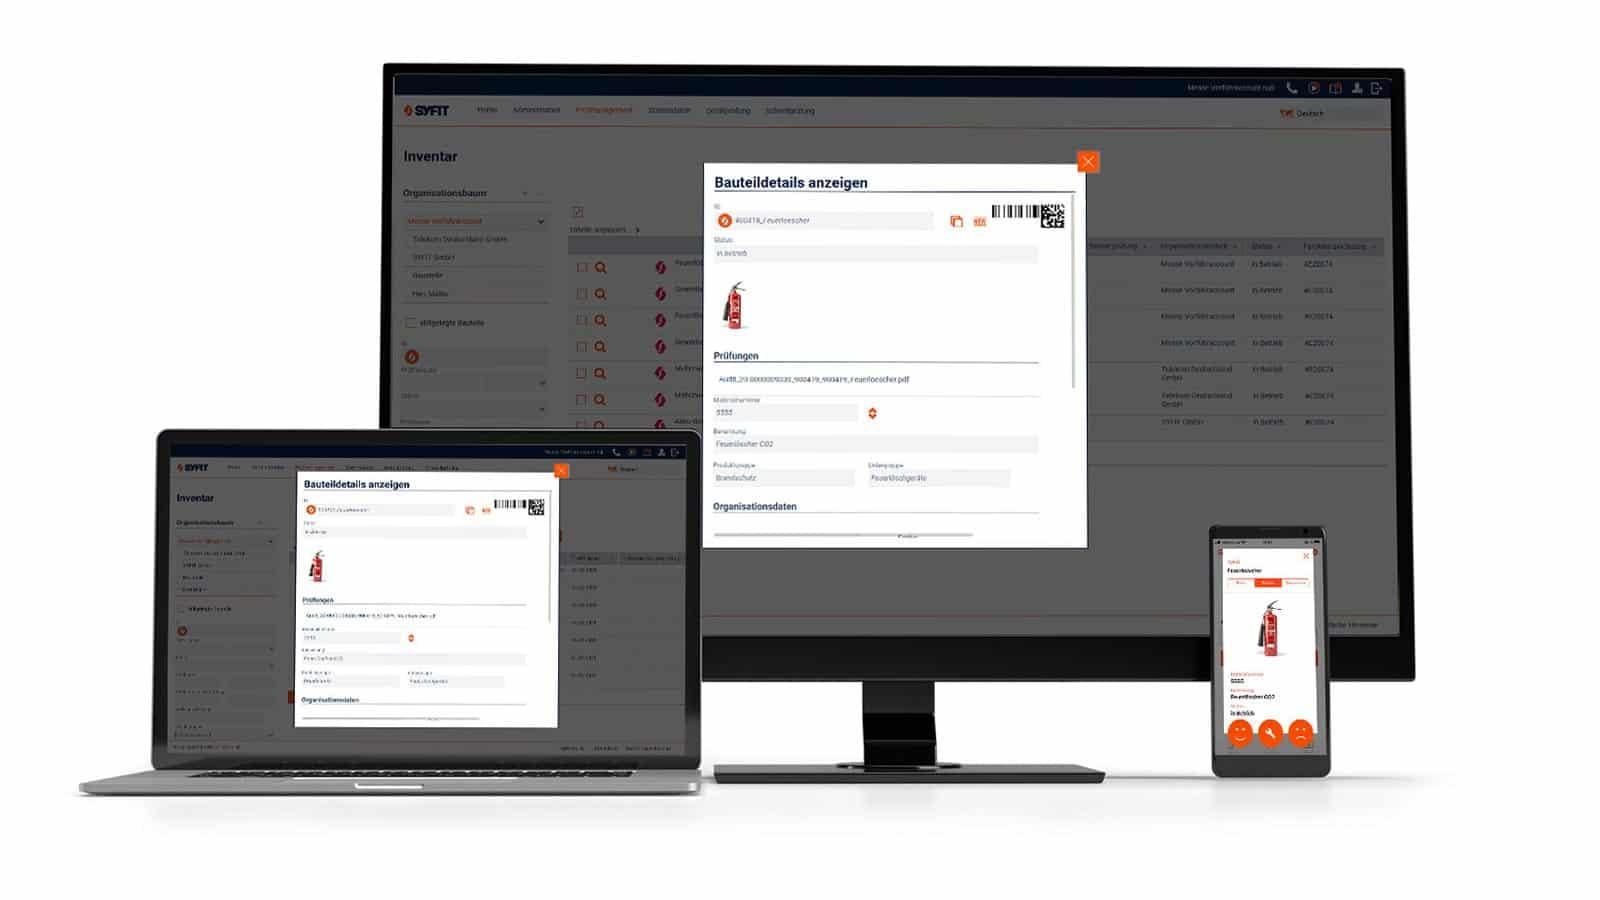 Webapplikation Betriebsmittelprüfung für unterschiedliche Geräte optimiert